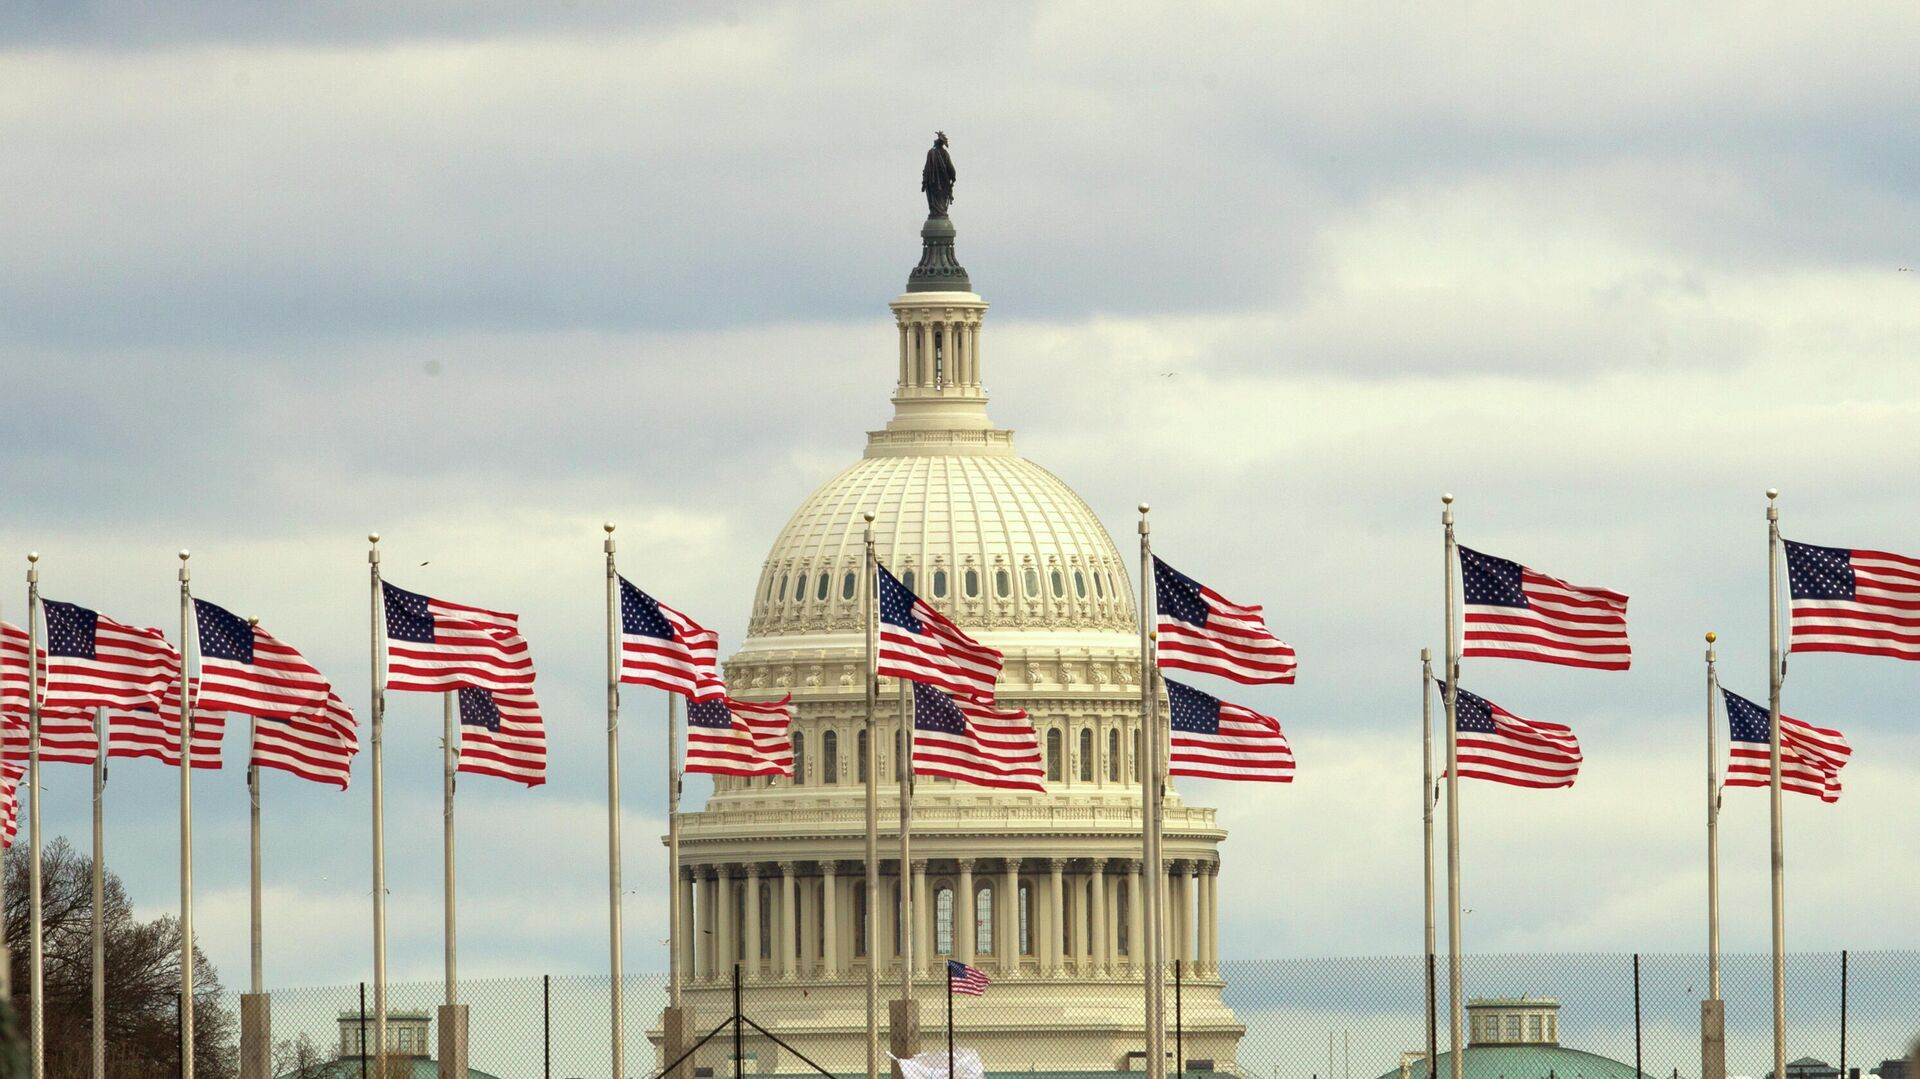 Здание Конгресса США на Капитолийском холме в Вашингтоне - РИА Новости, 1920, 05.02.2021